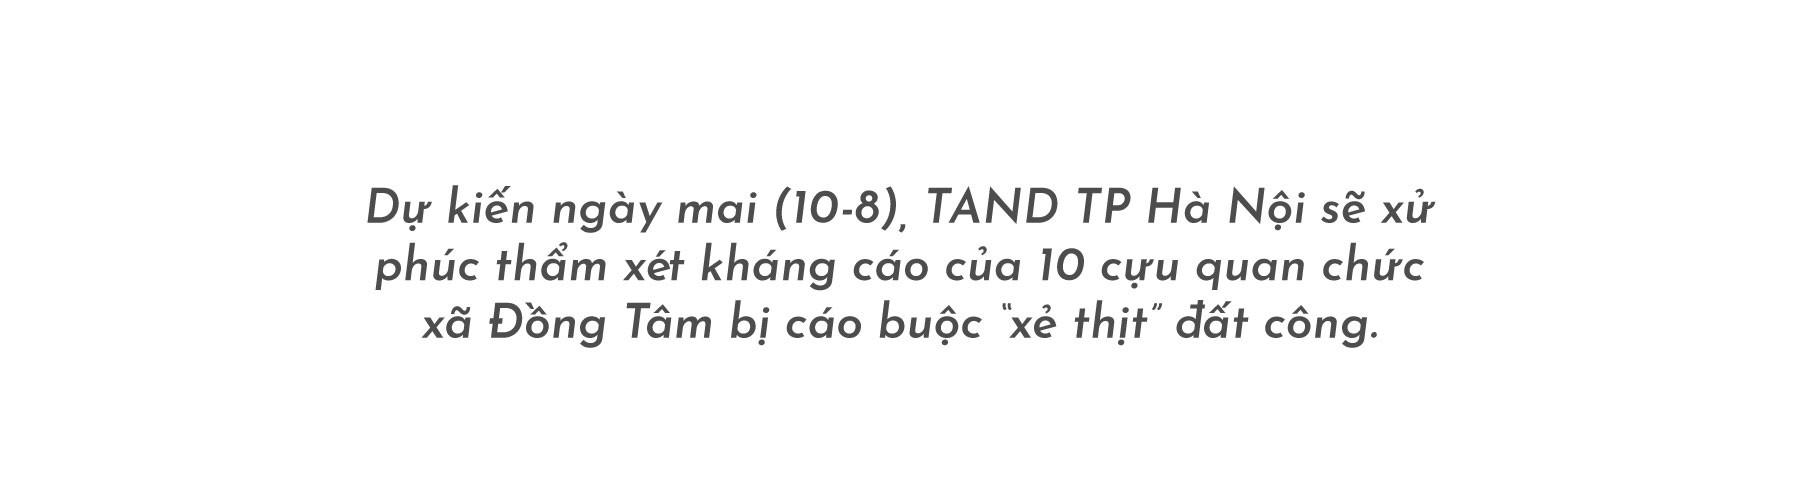 (eMagazine) - 10 cựu quan chức Đồng Tâm trước ngày phúc thẩm - Ảnh 1.